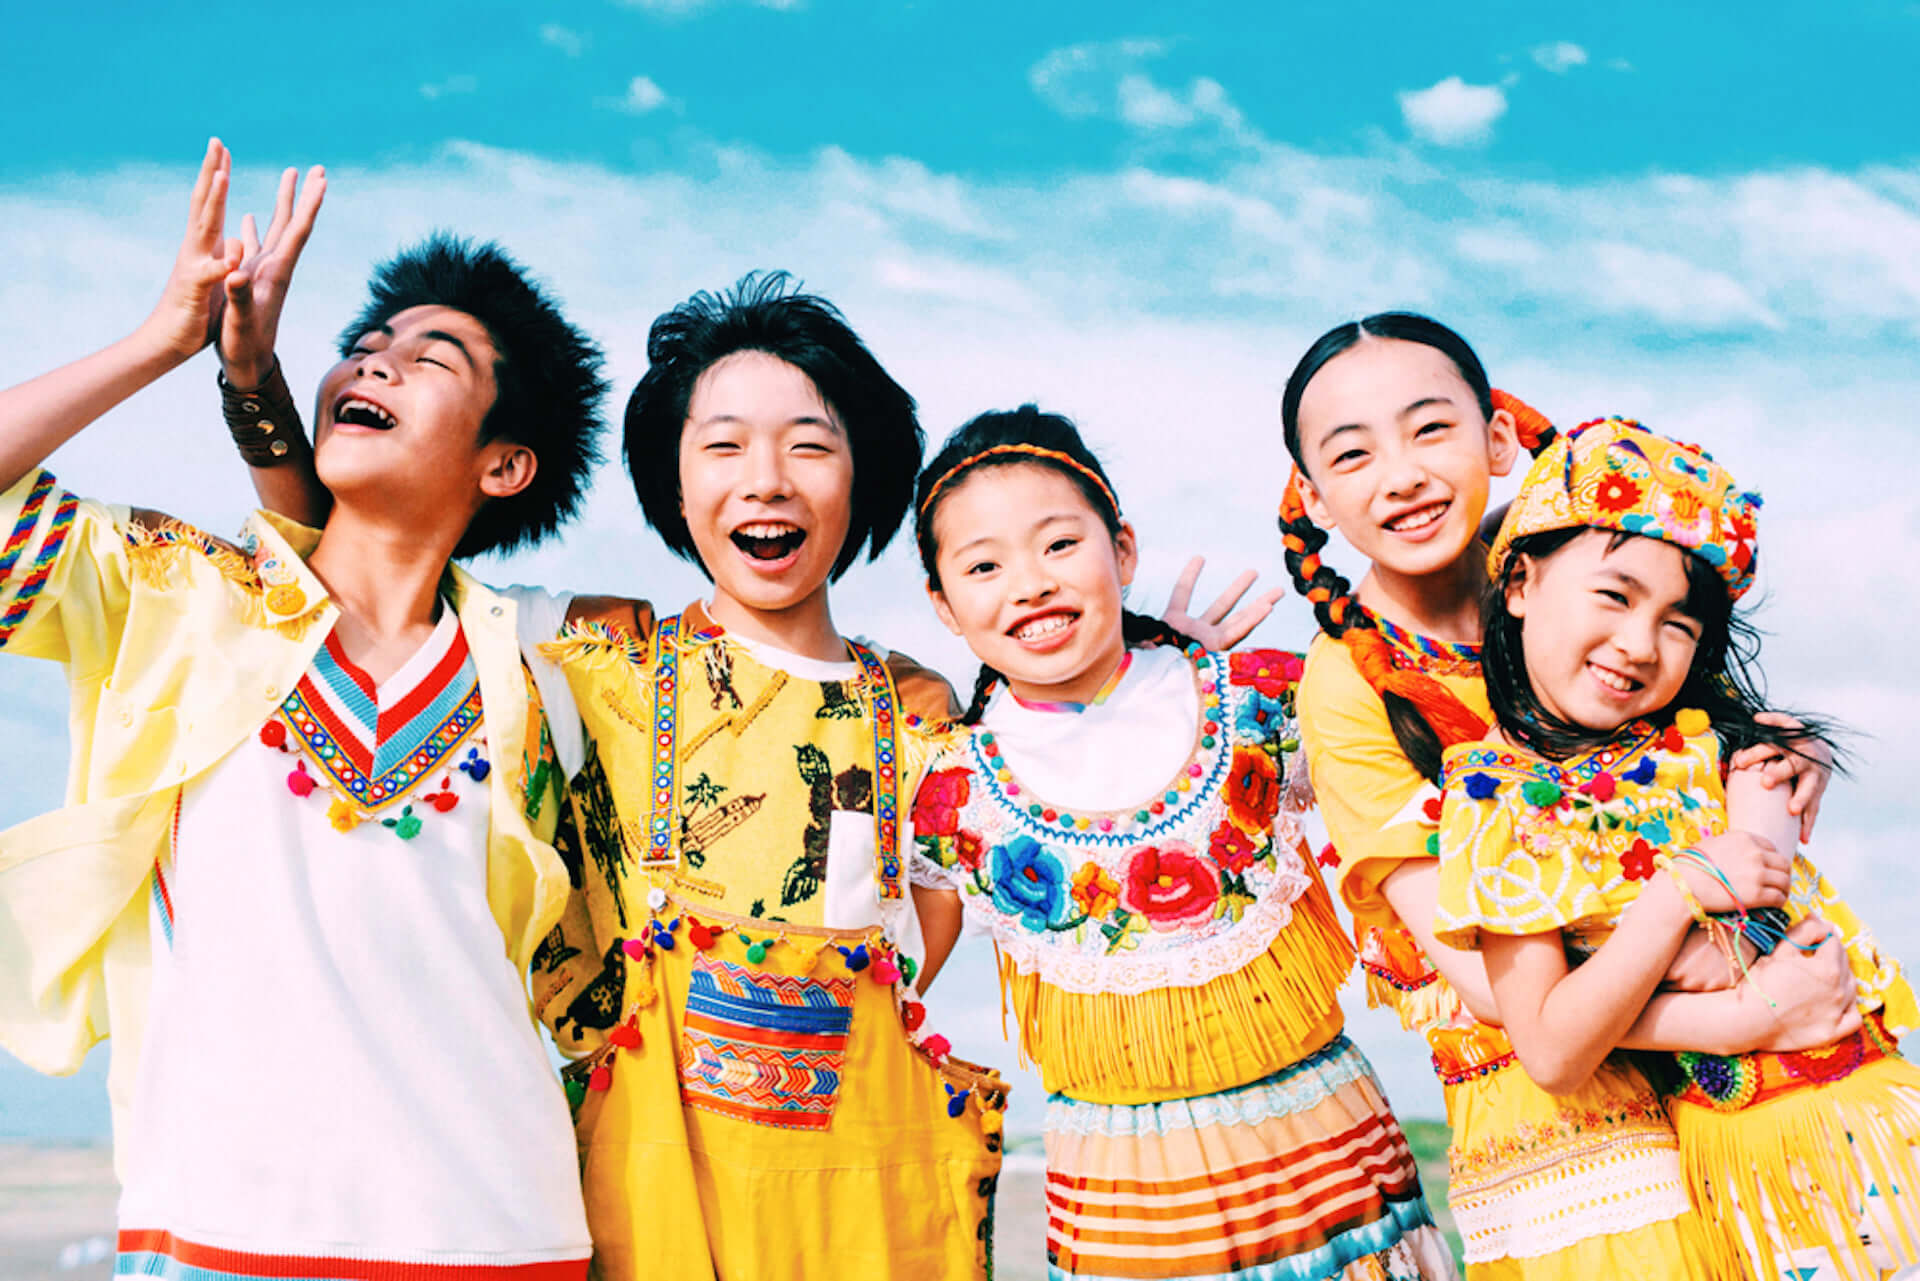 米津玄師が「パプリカ」をセルフカバー!8月NHK『みんなのうた』で初放送 music190718_yonezukenshi_paprika_2-1-1920x1281